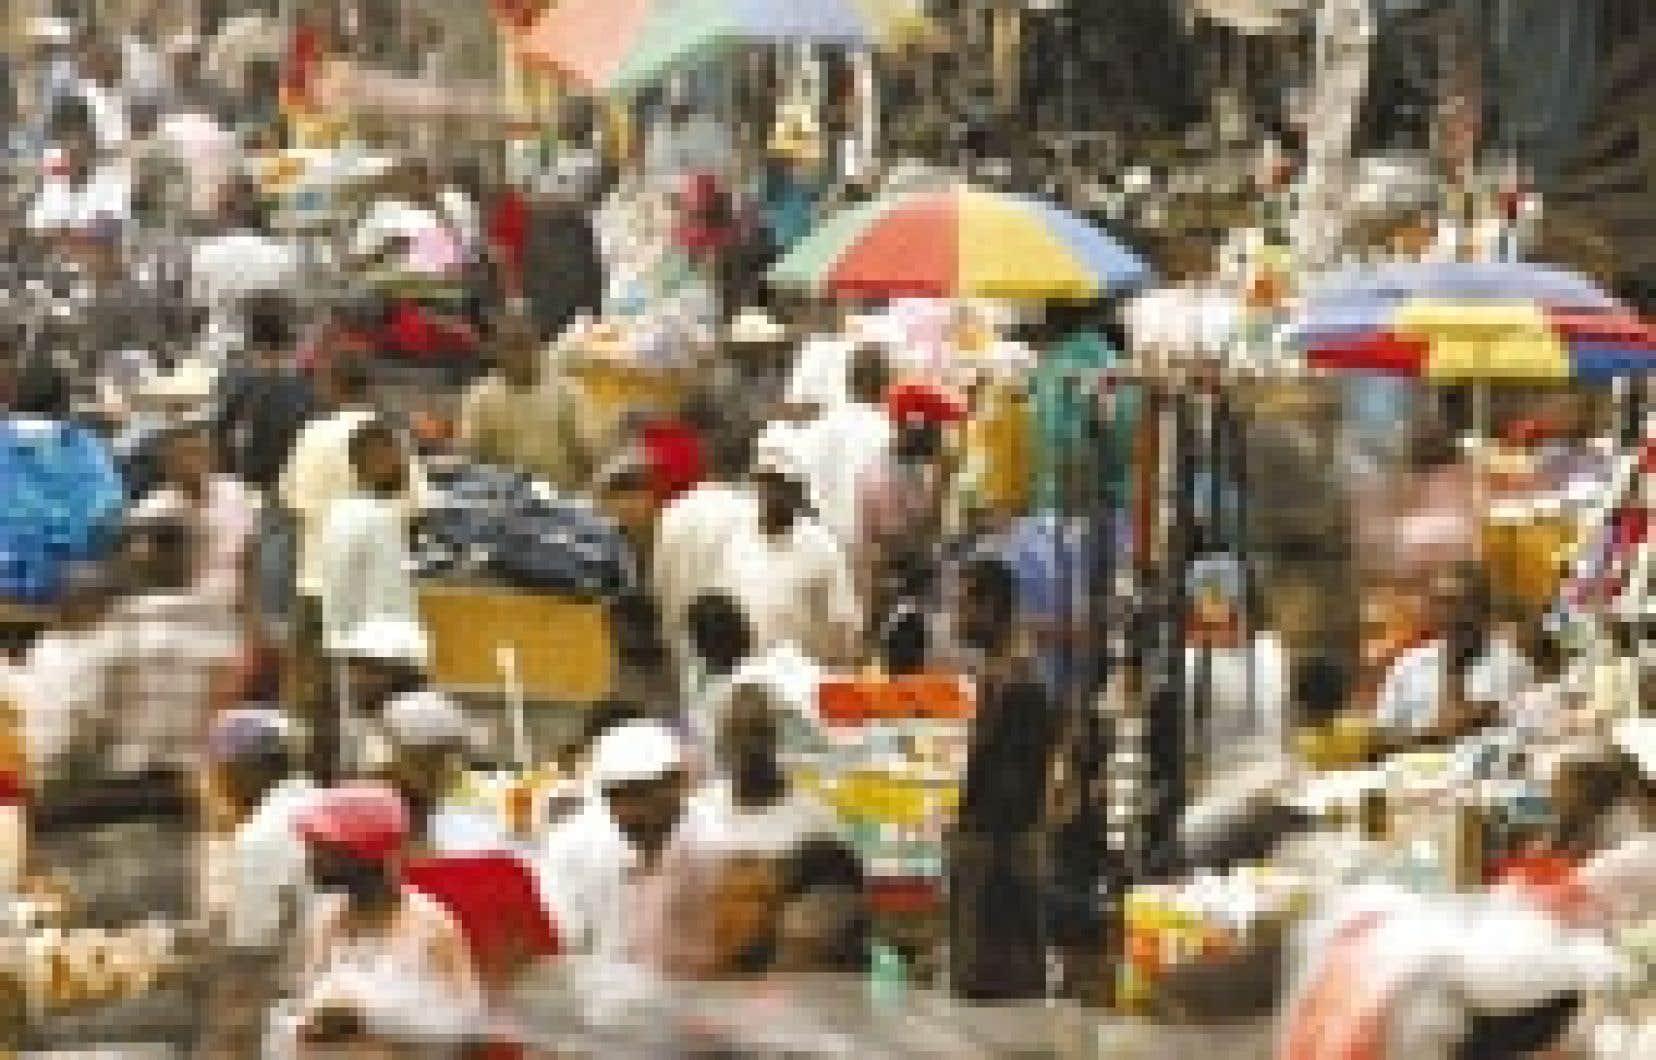 La vie a repris son cours normal à Port-au-Prince.